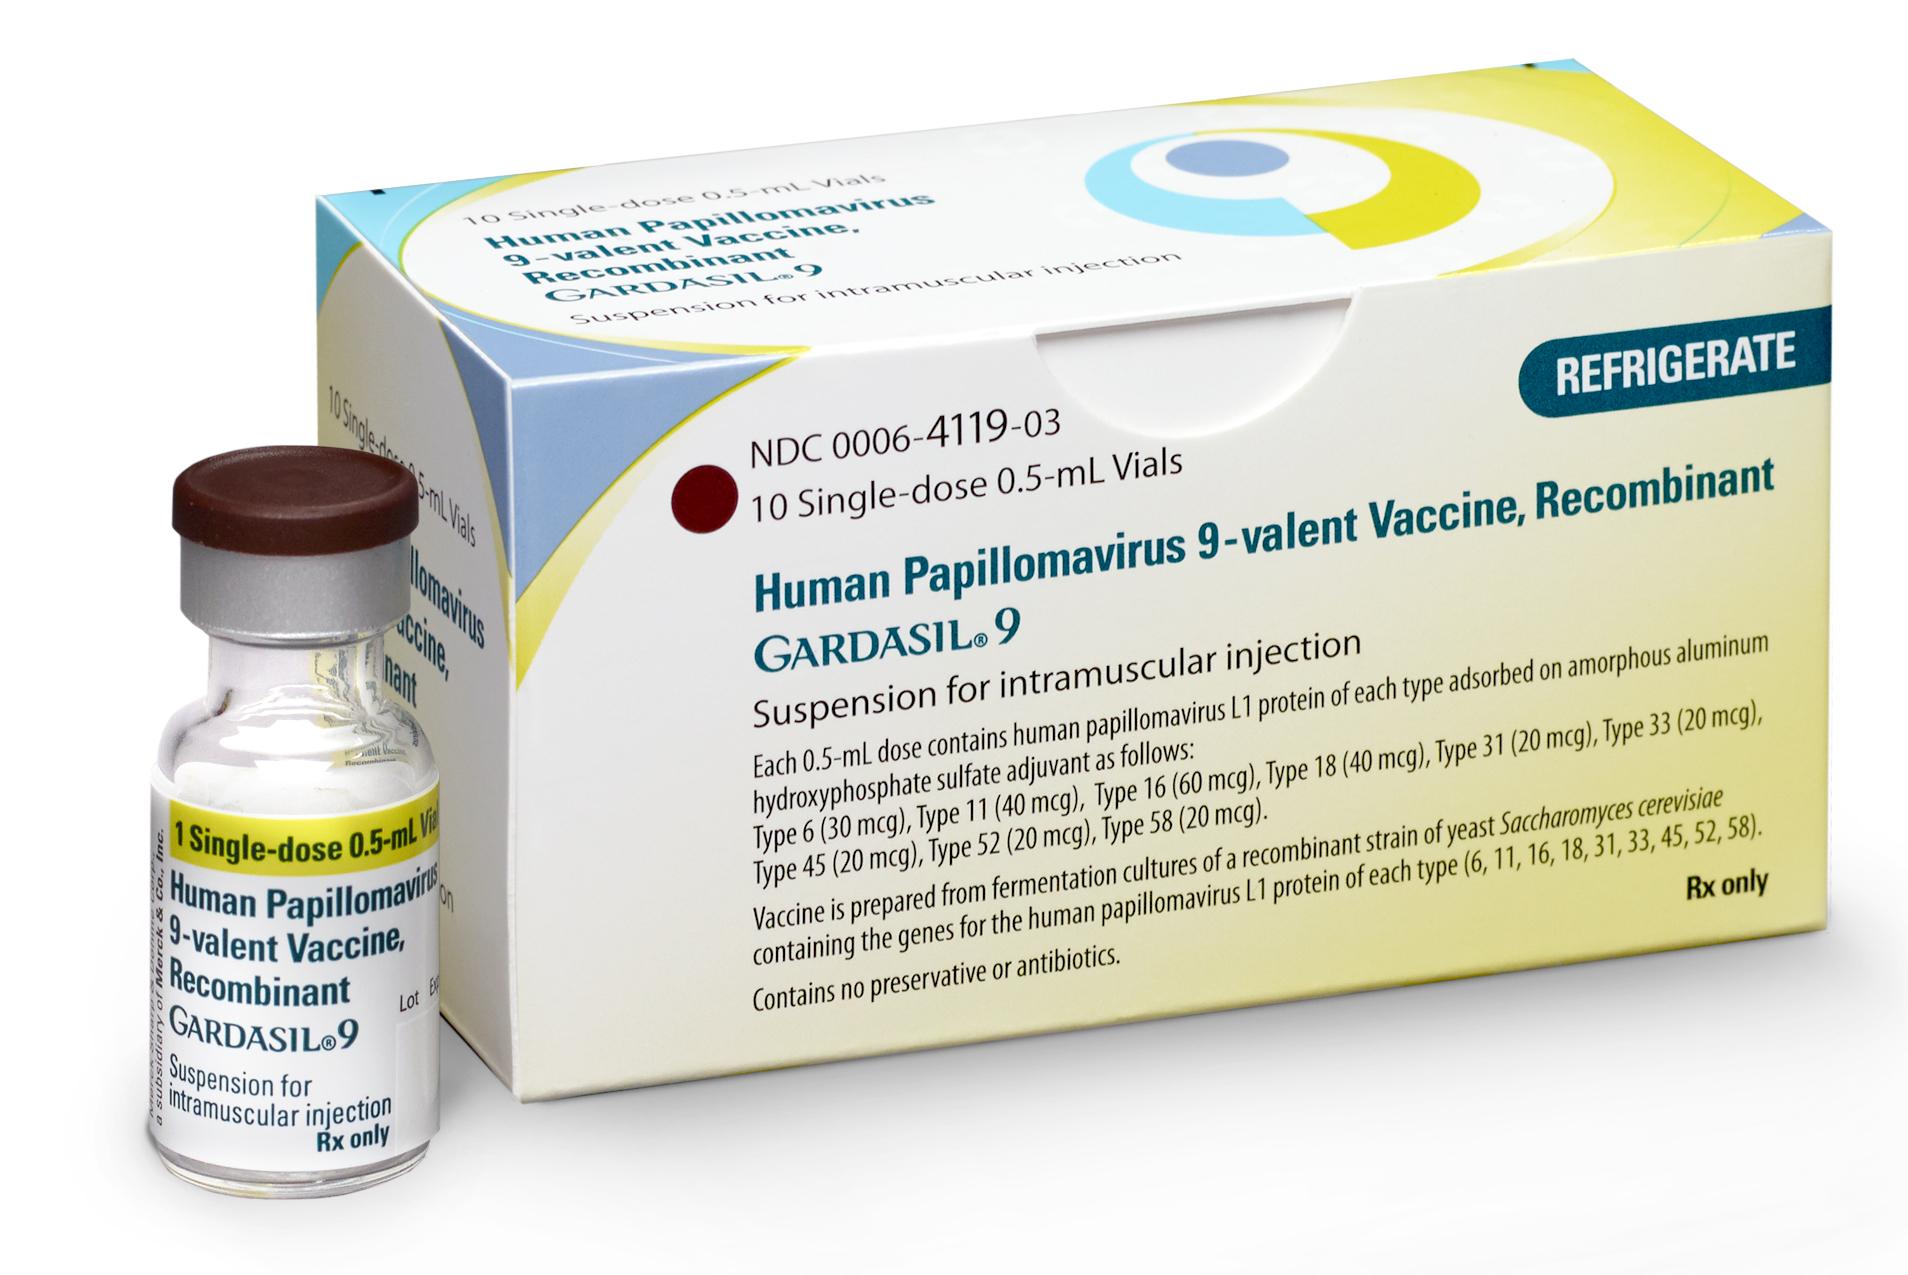 Препарат Гардасил компании Merck & Co— лишь одна из вакцин против ВПЧ, Другая— Церварикс британской GlaxoSmithKline PLC.